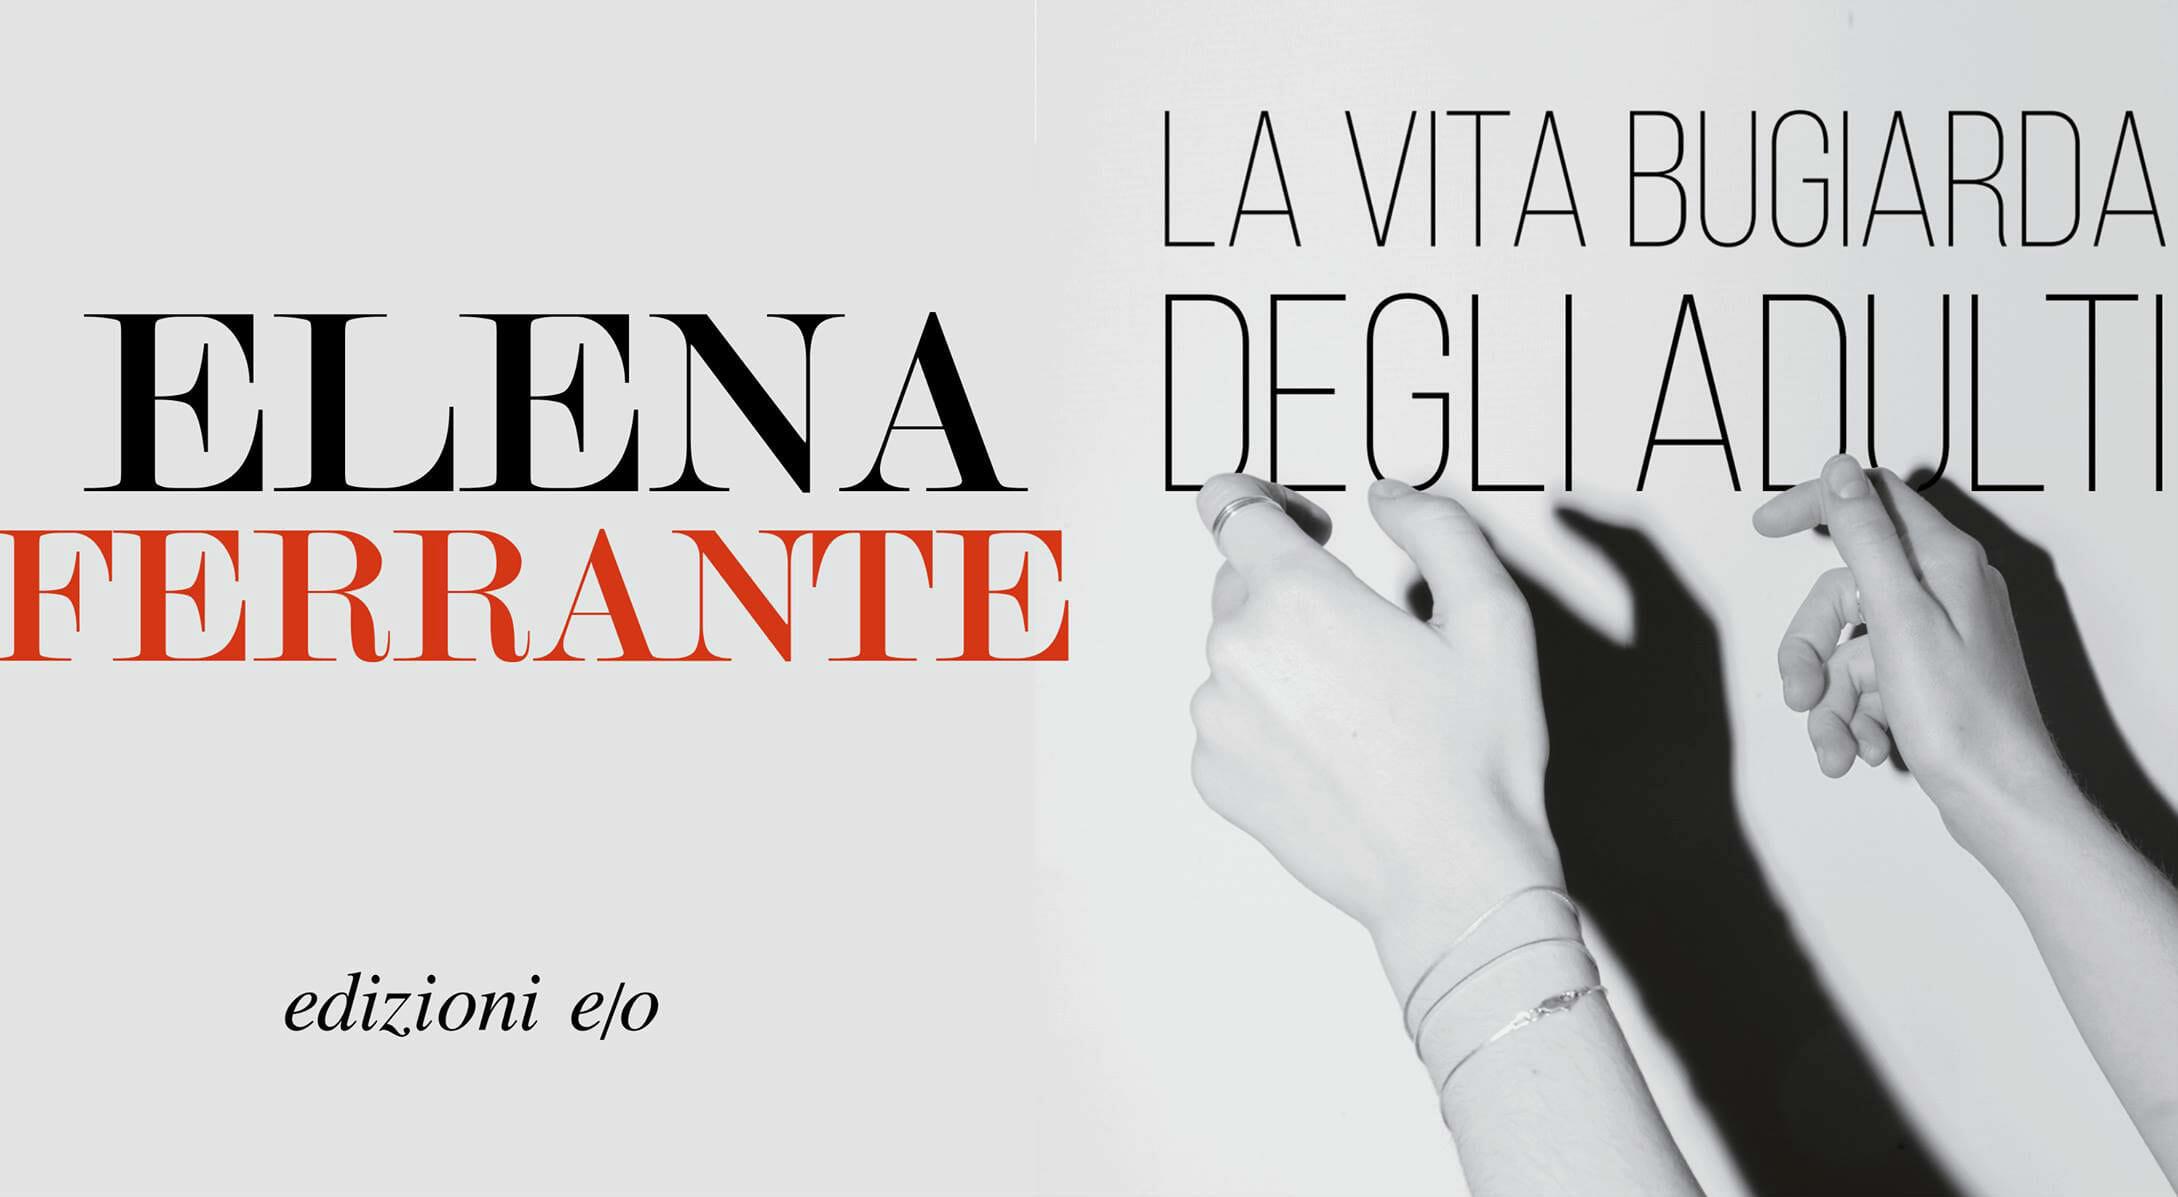 Ferrante night: una notte per Elena Ferrante